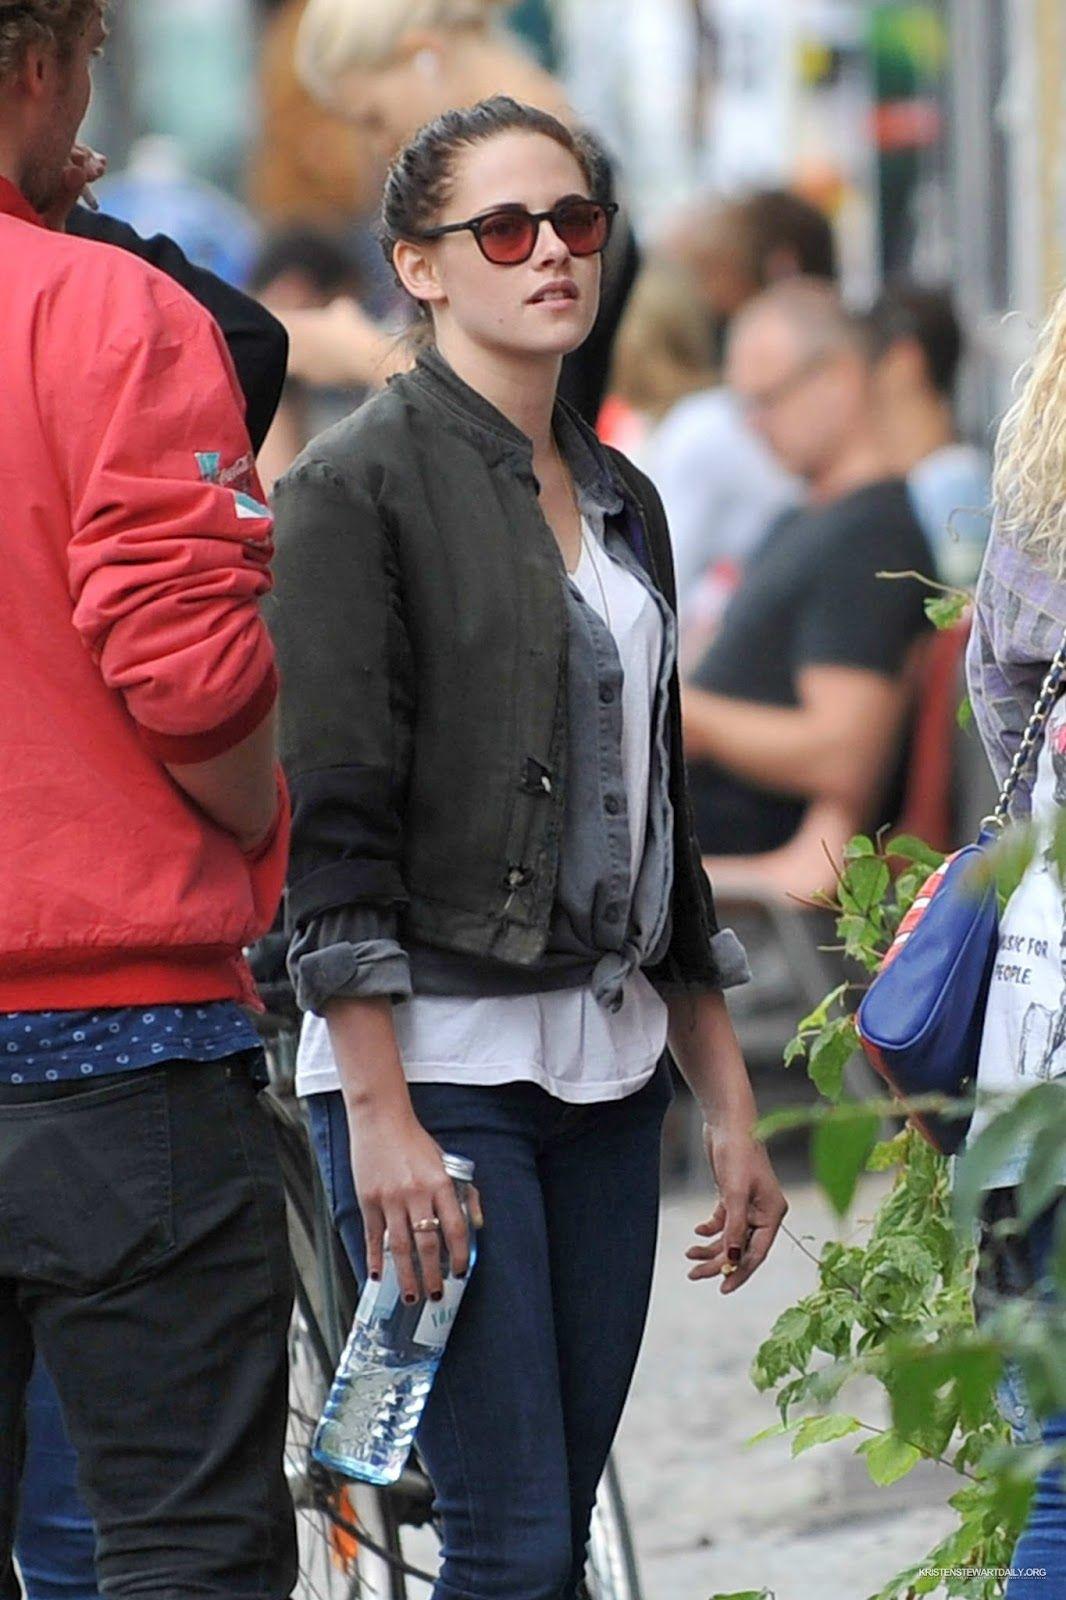 Kristen Stewart foi fotografada curtindo o dia com os amigos Suzie, Michaella e Jack ontem (27)em Berlim. A atriz estava bem relaxada e linda, e também estava sendo acompanhada por um guarda-costas. Vejam: